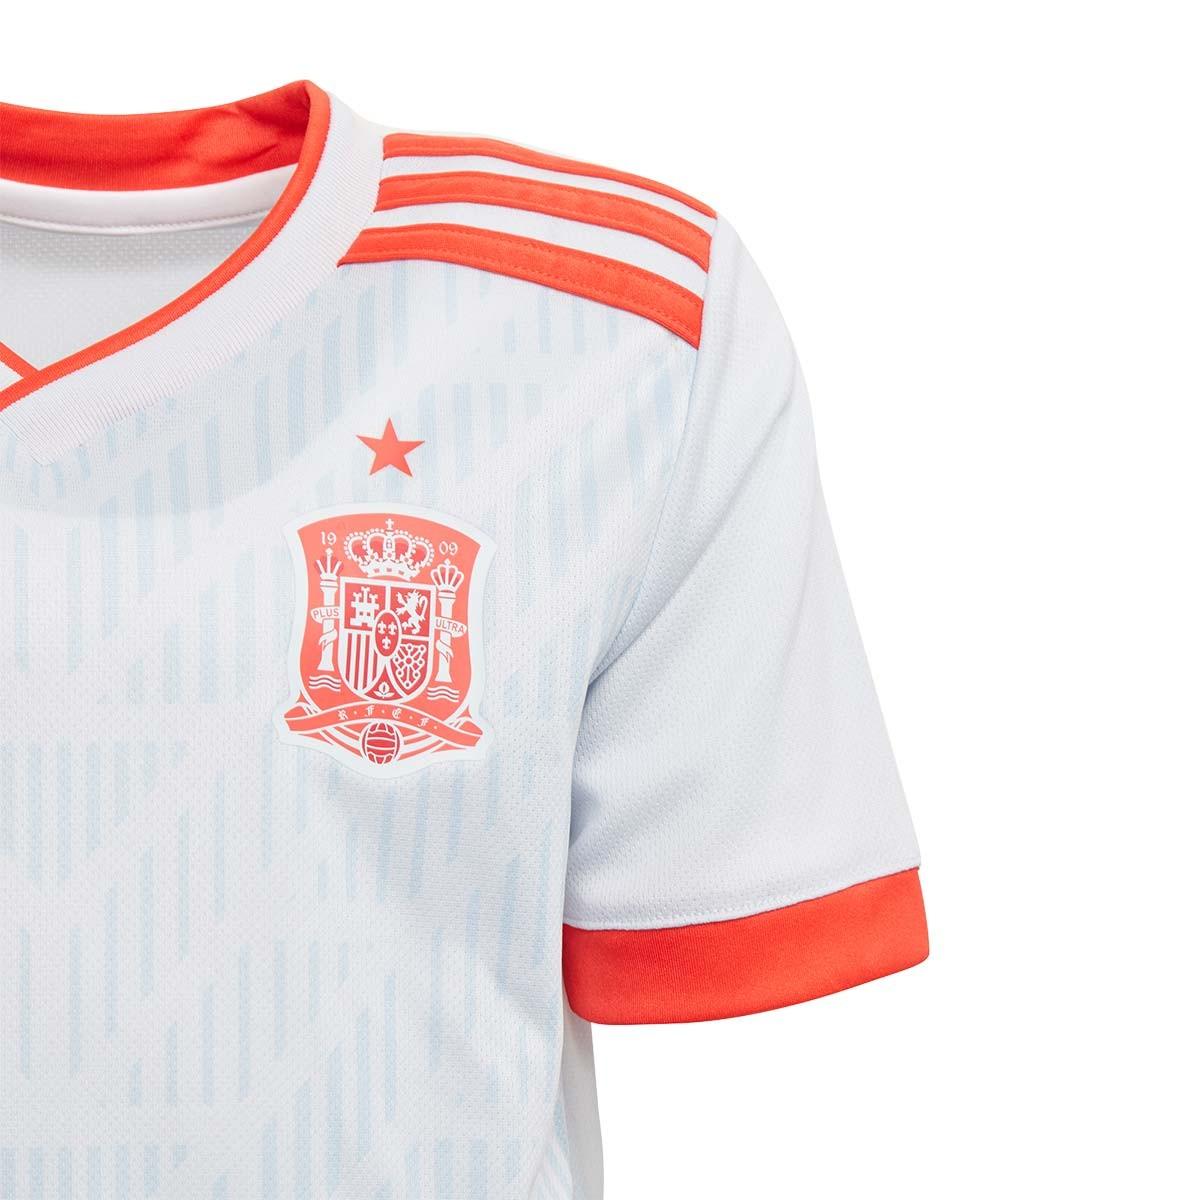 Conjunto adidas España Segunda Equipación 2017-2018 Niño Halo blue-Bright  red - Soloporteros es ahora Fútbol Emotion d4a437c94a822